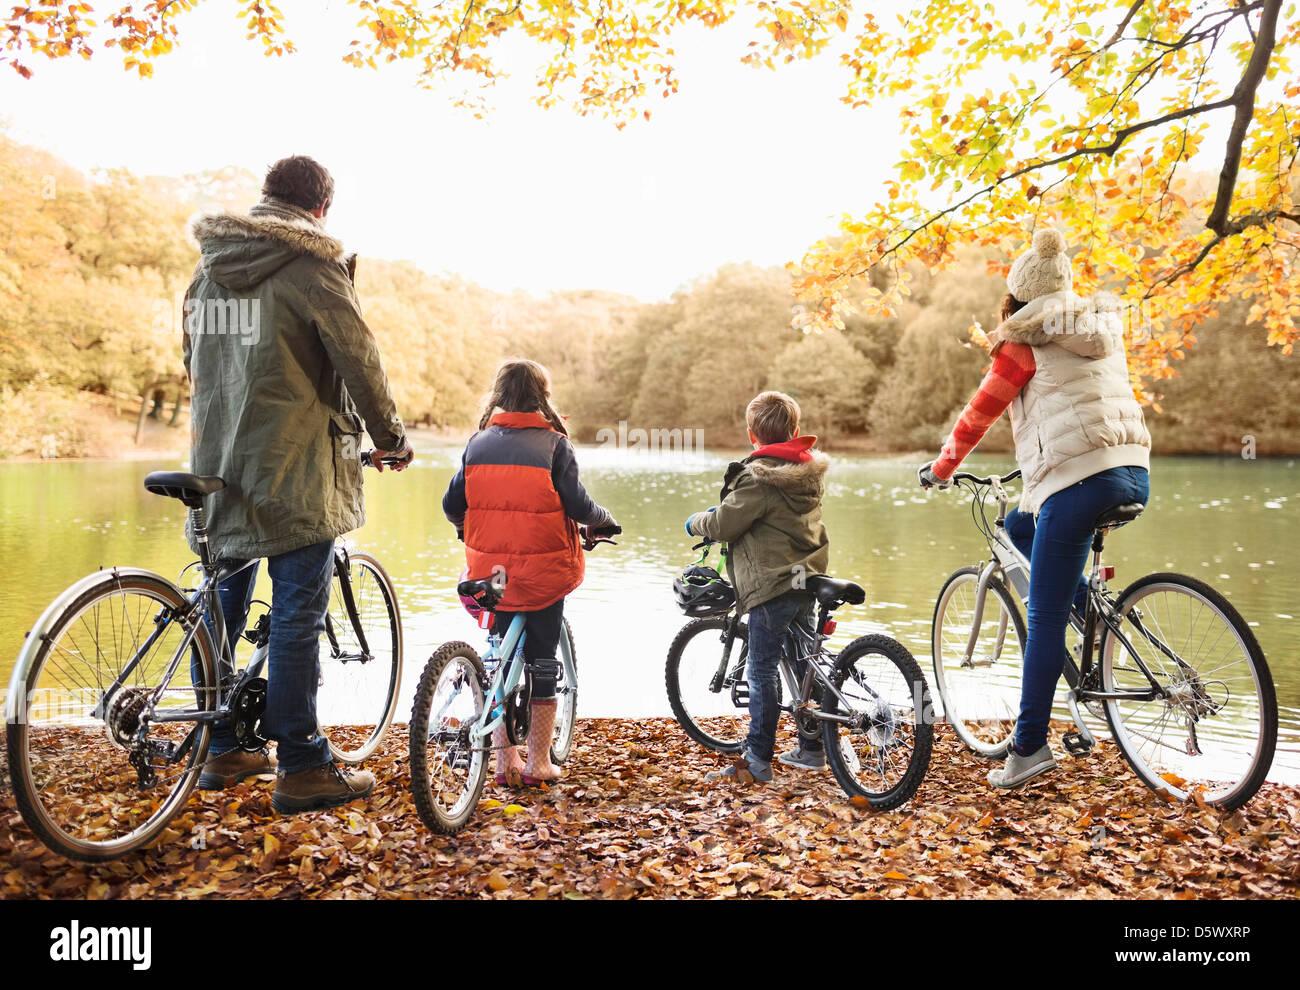 Famiglia seduti sulle biciclette insieme in posizione di parcheggio Immagini Stock